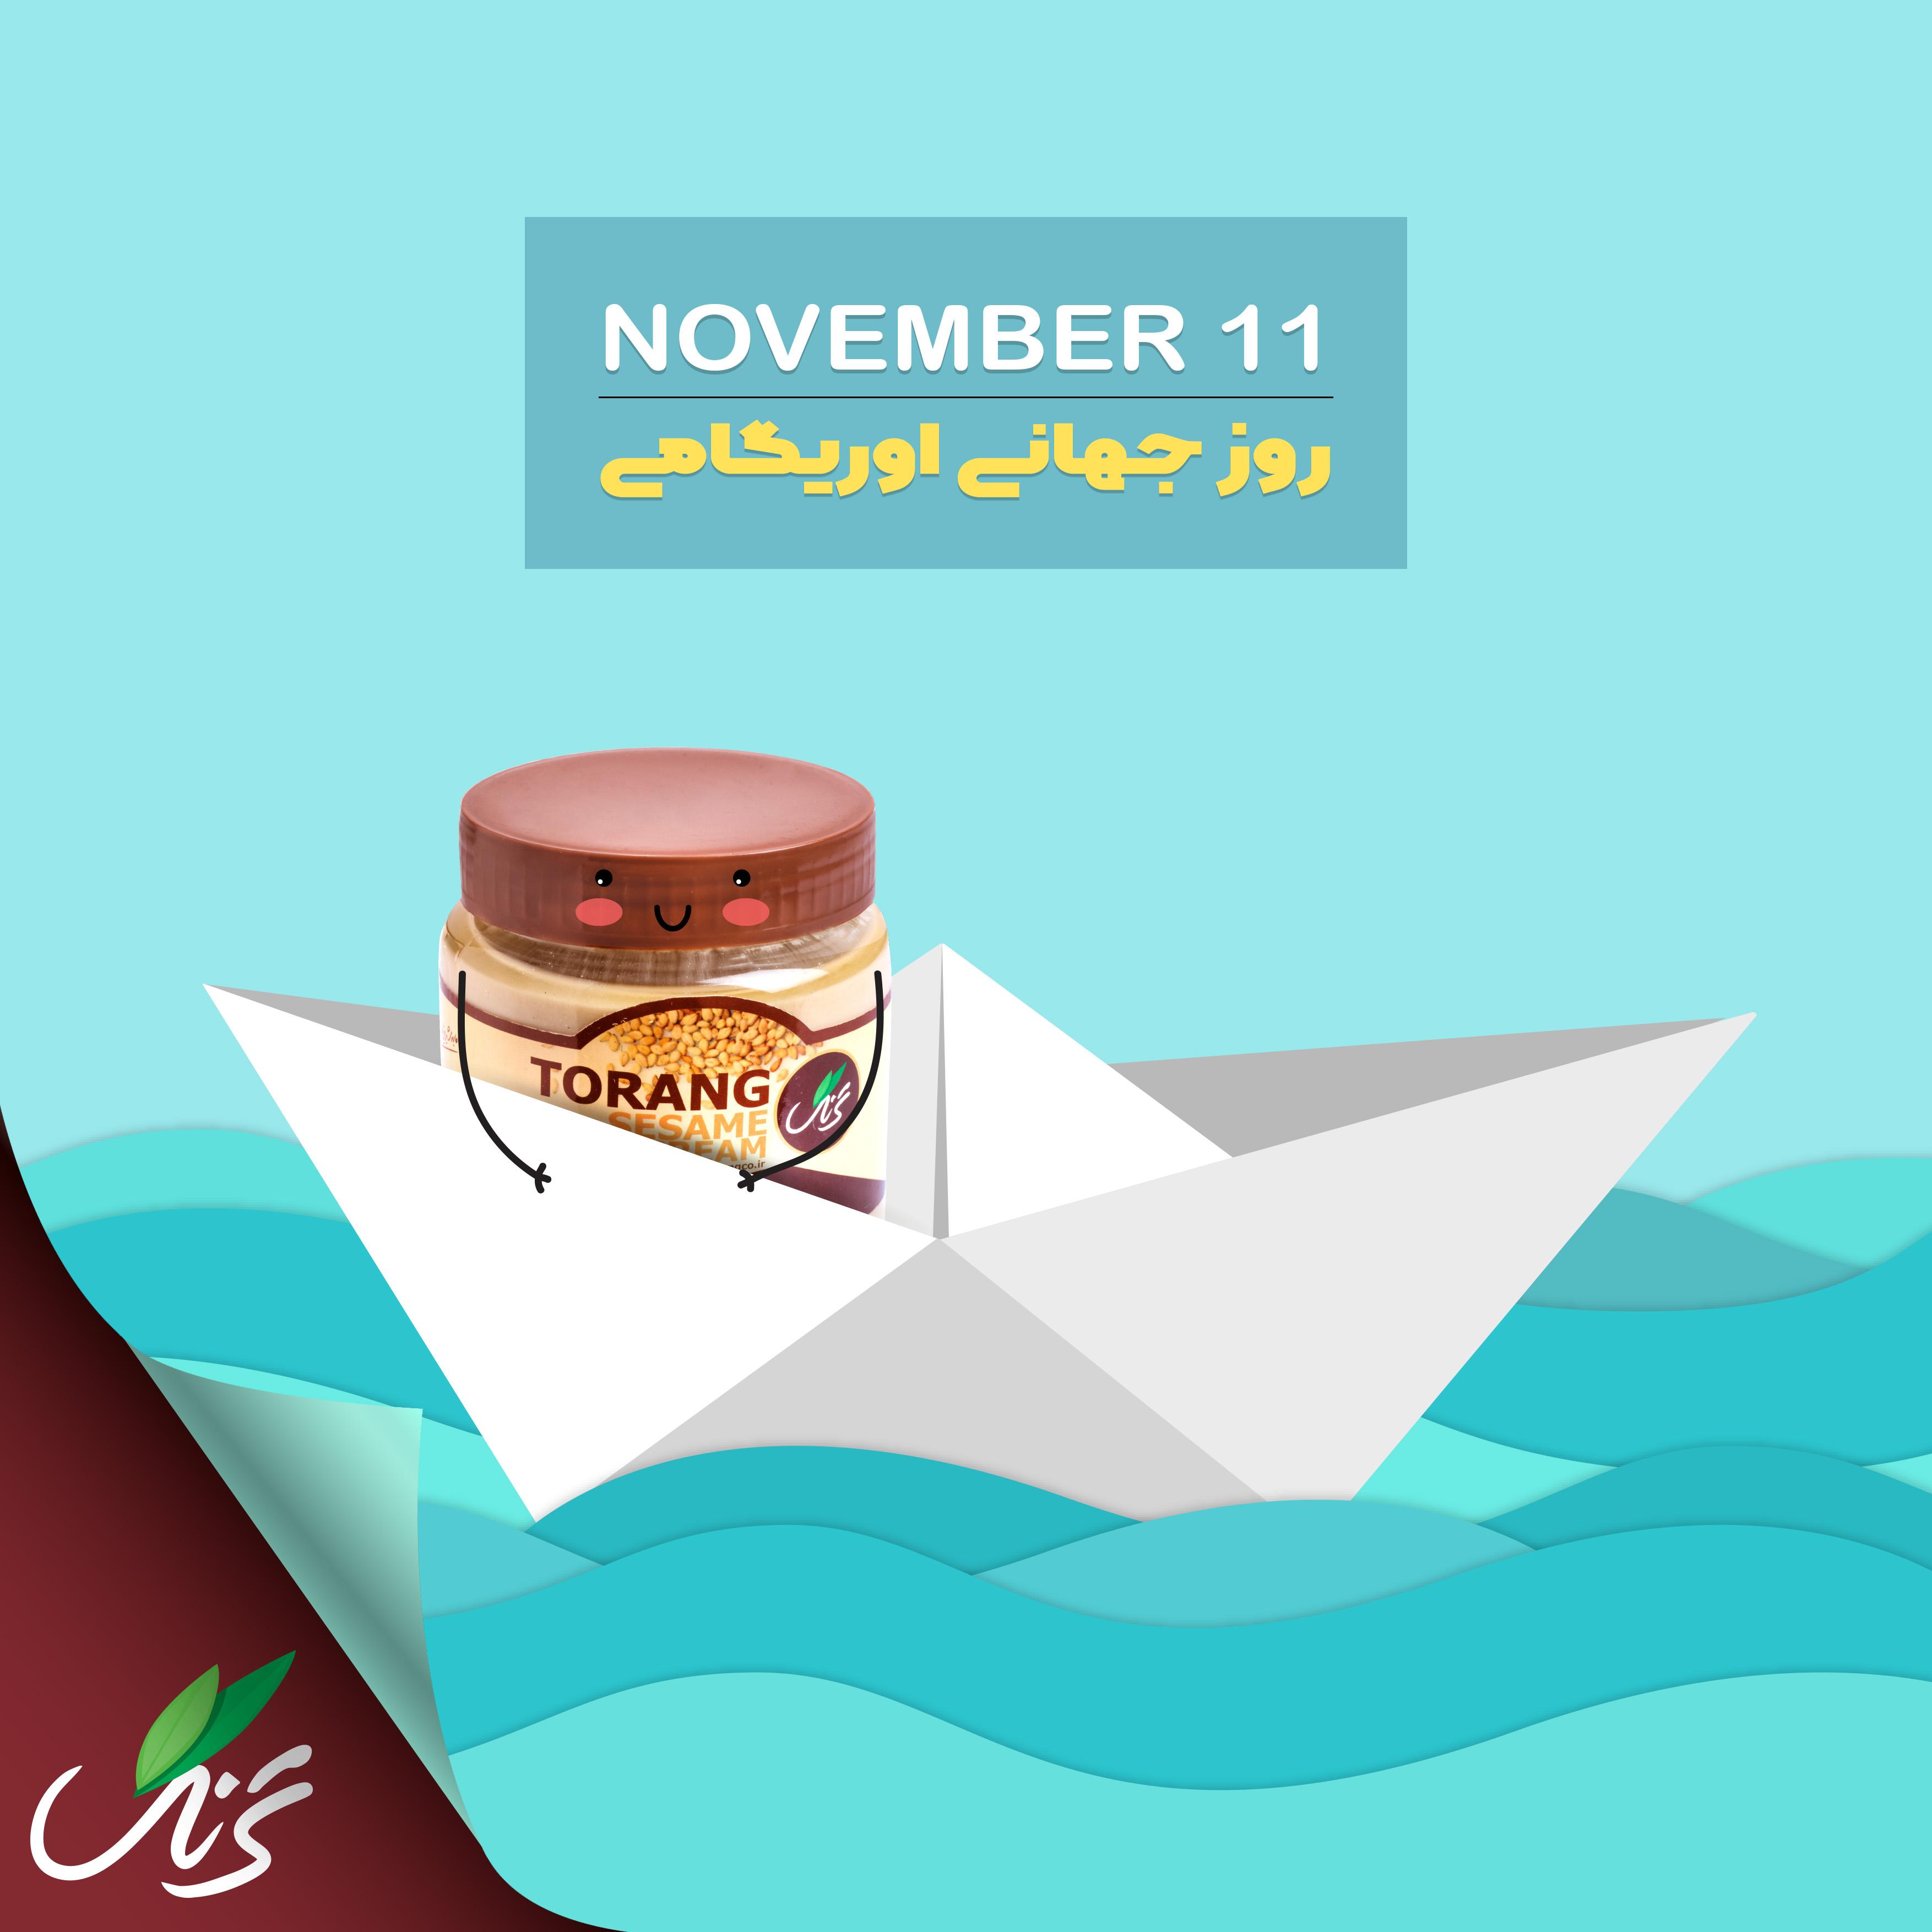 11 نوامبر روز جهانی اوریگامی